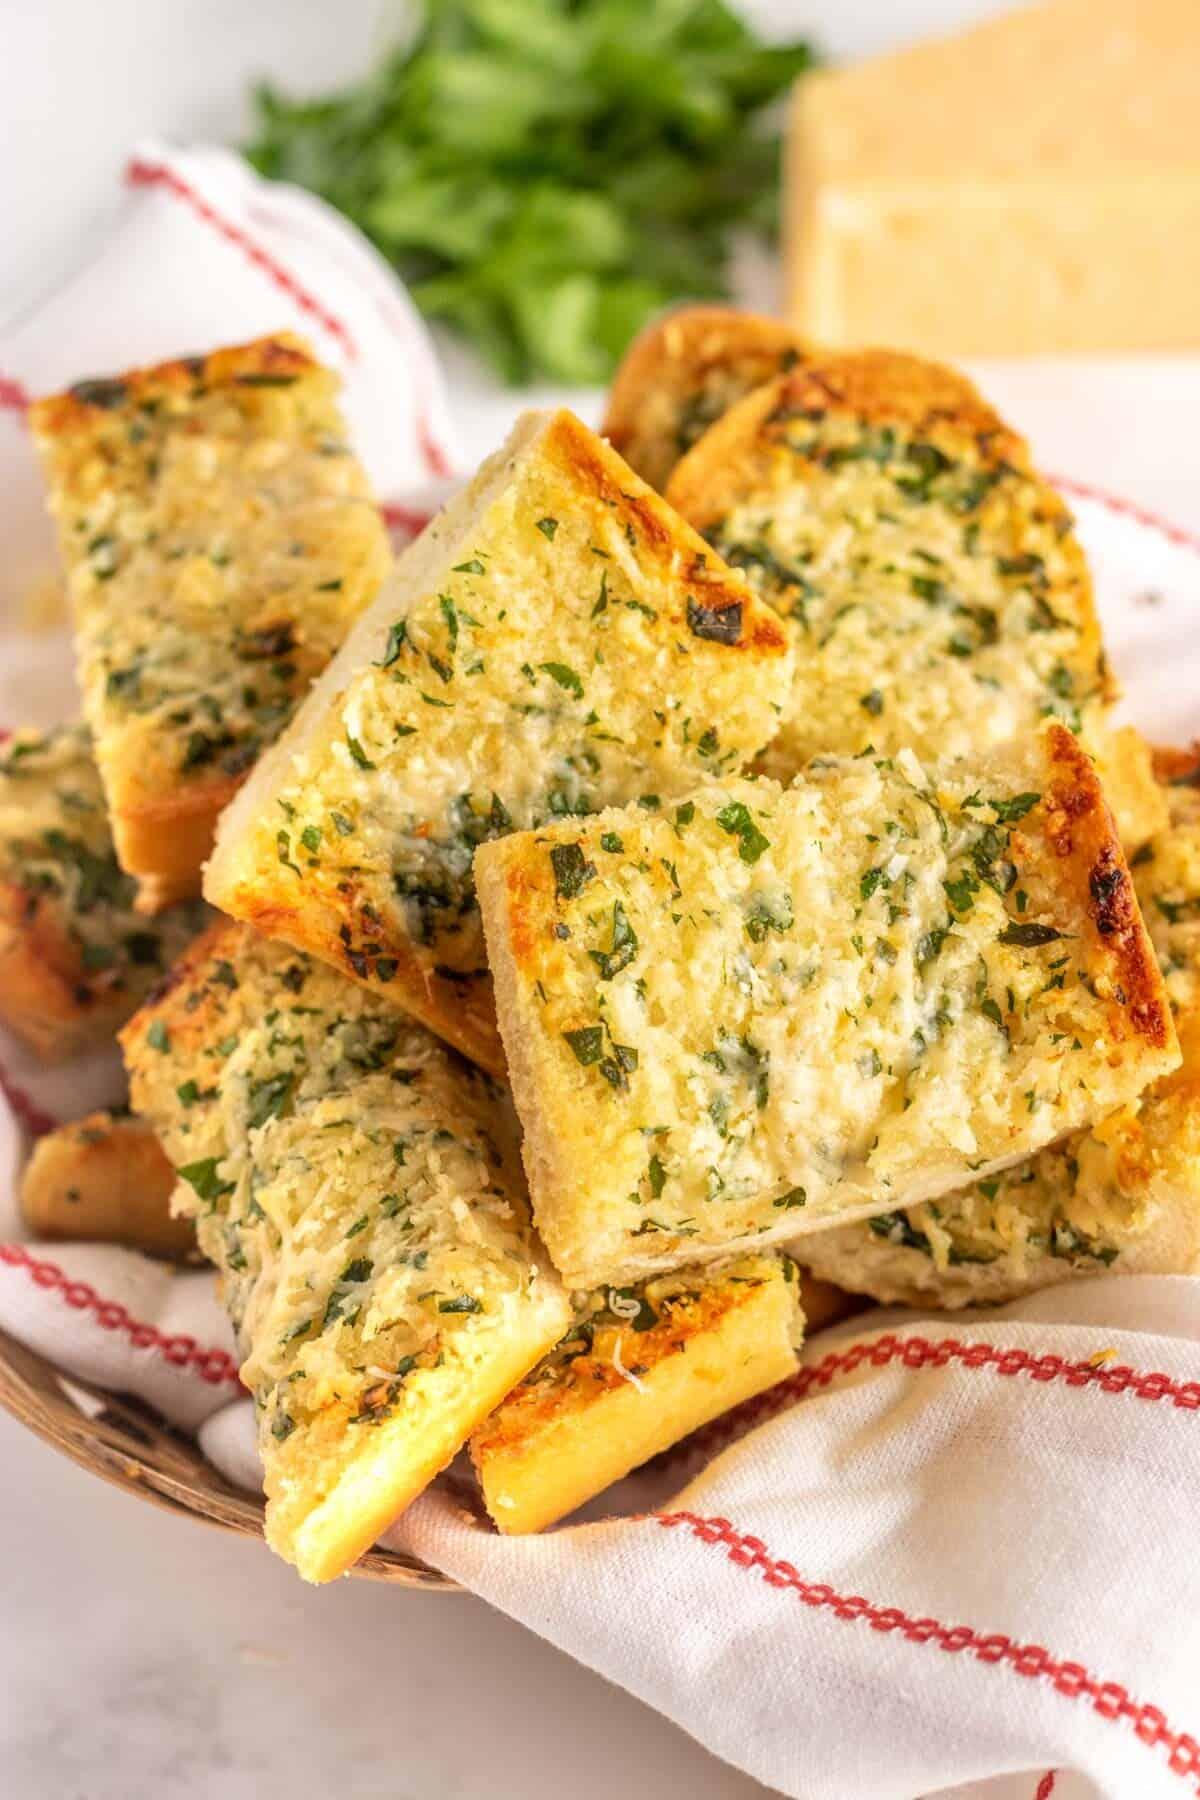 cut garlic bread in a basket